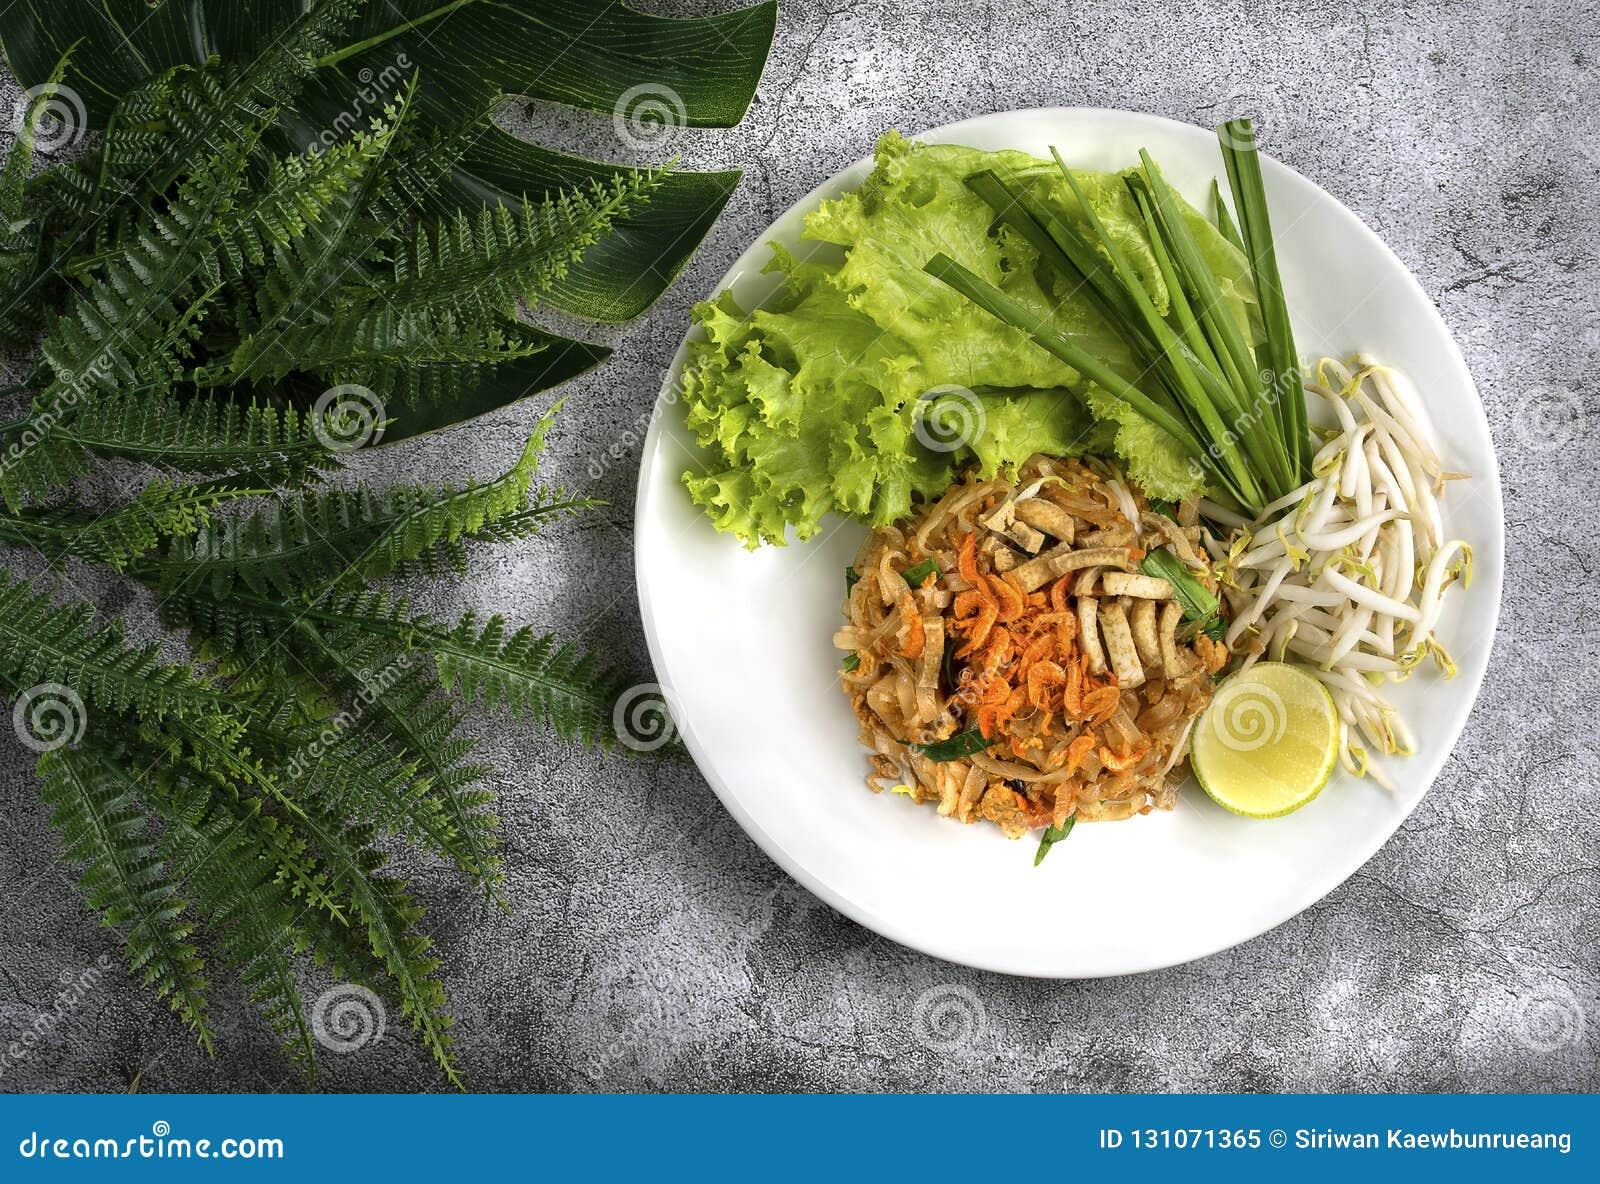 Capitonnez le thailandais, le plat thaïlandais fait de nouilles et les divers ingrédients, roucoulement